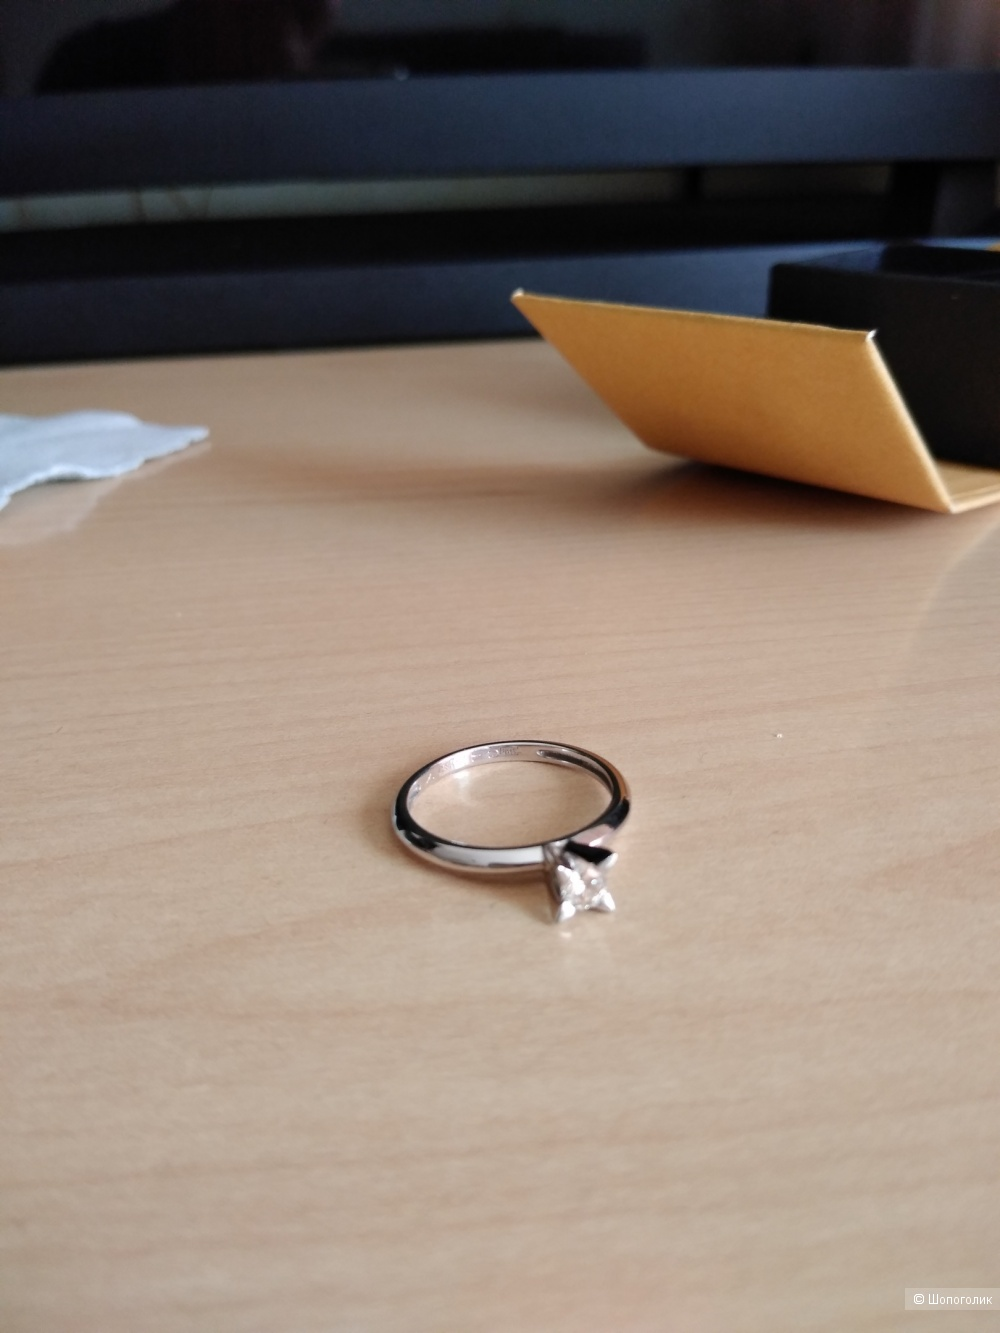 Кольцо из белого золота 585 с бриллиантом 0,20 ct (4 мм), размер: 17,5.